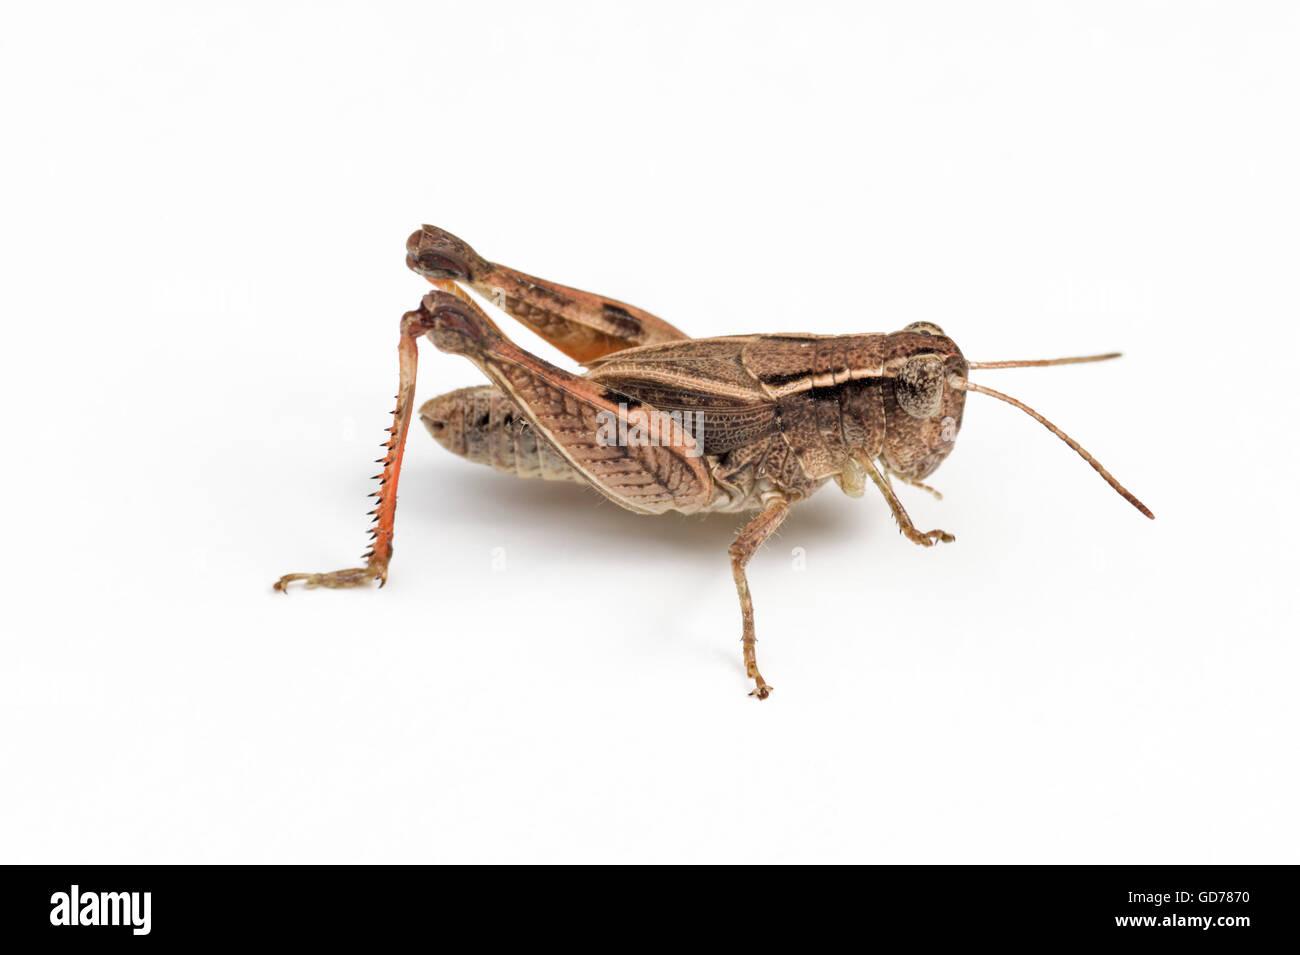 Wingless grasshopper (Phaulacridium vittatum) on white background Stock Photo